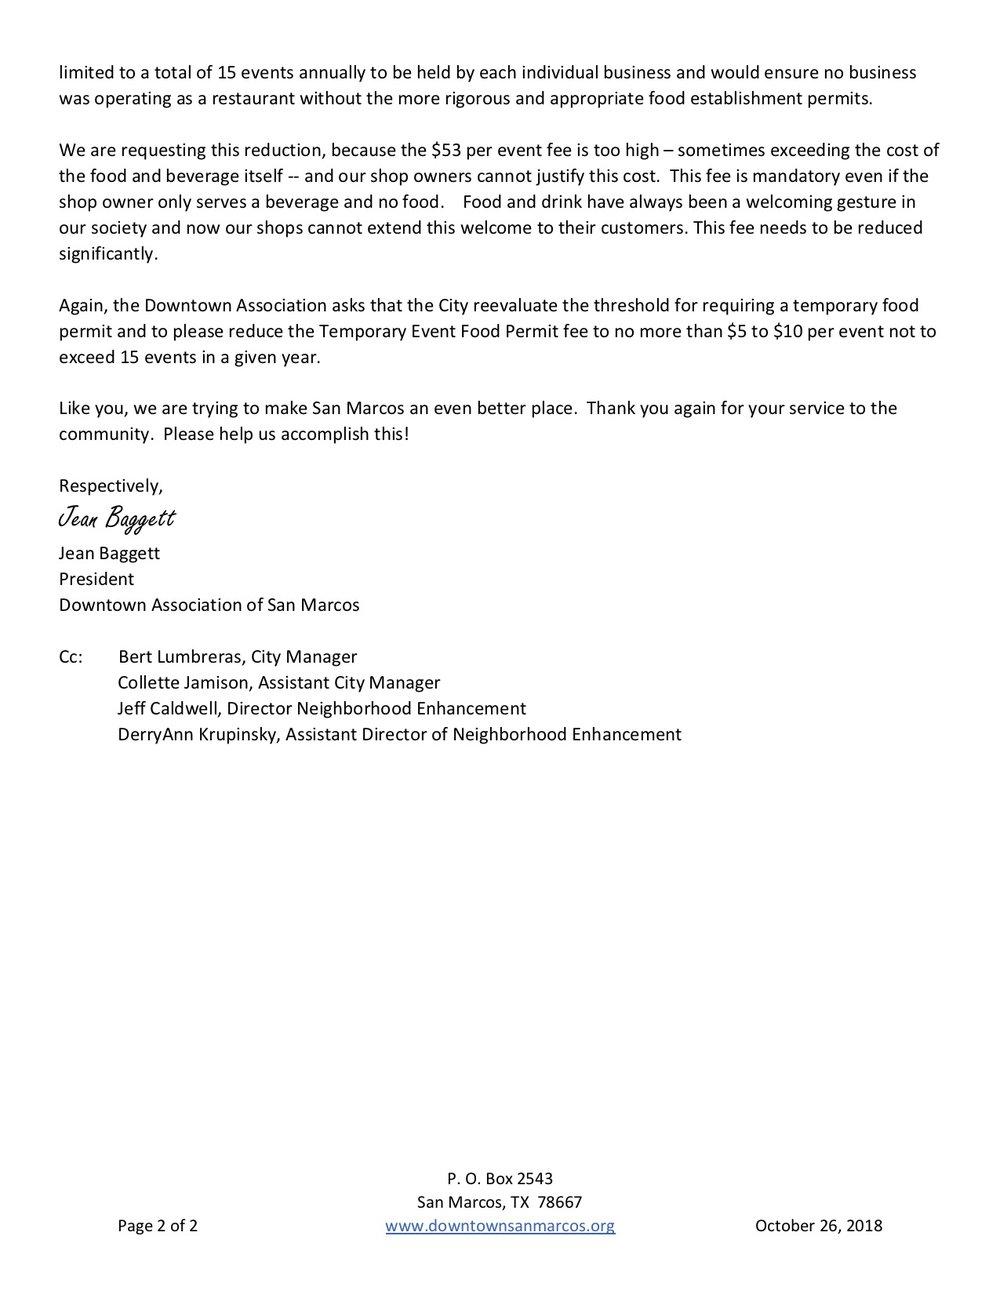 20181026-DTA Health Code Letter PG 2.jpg